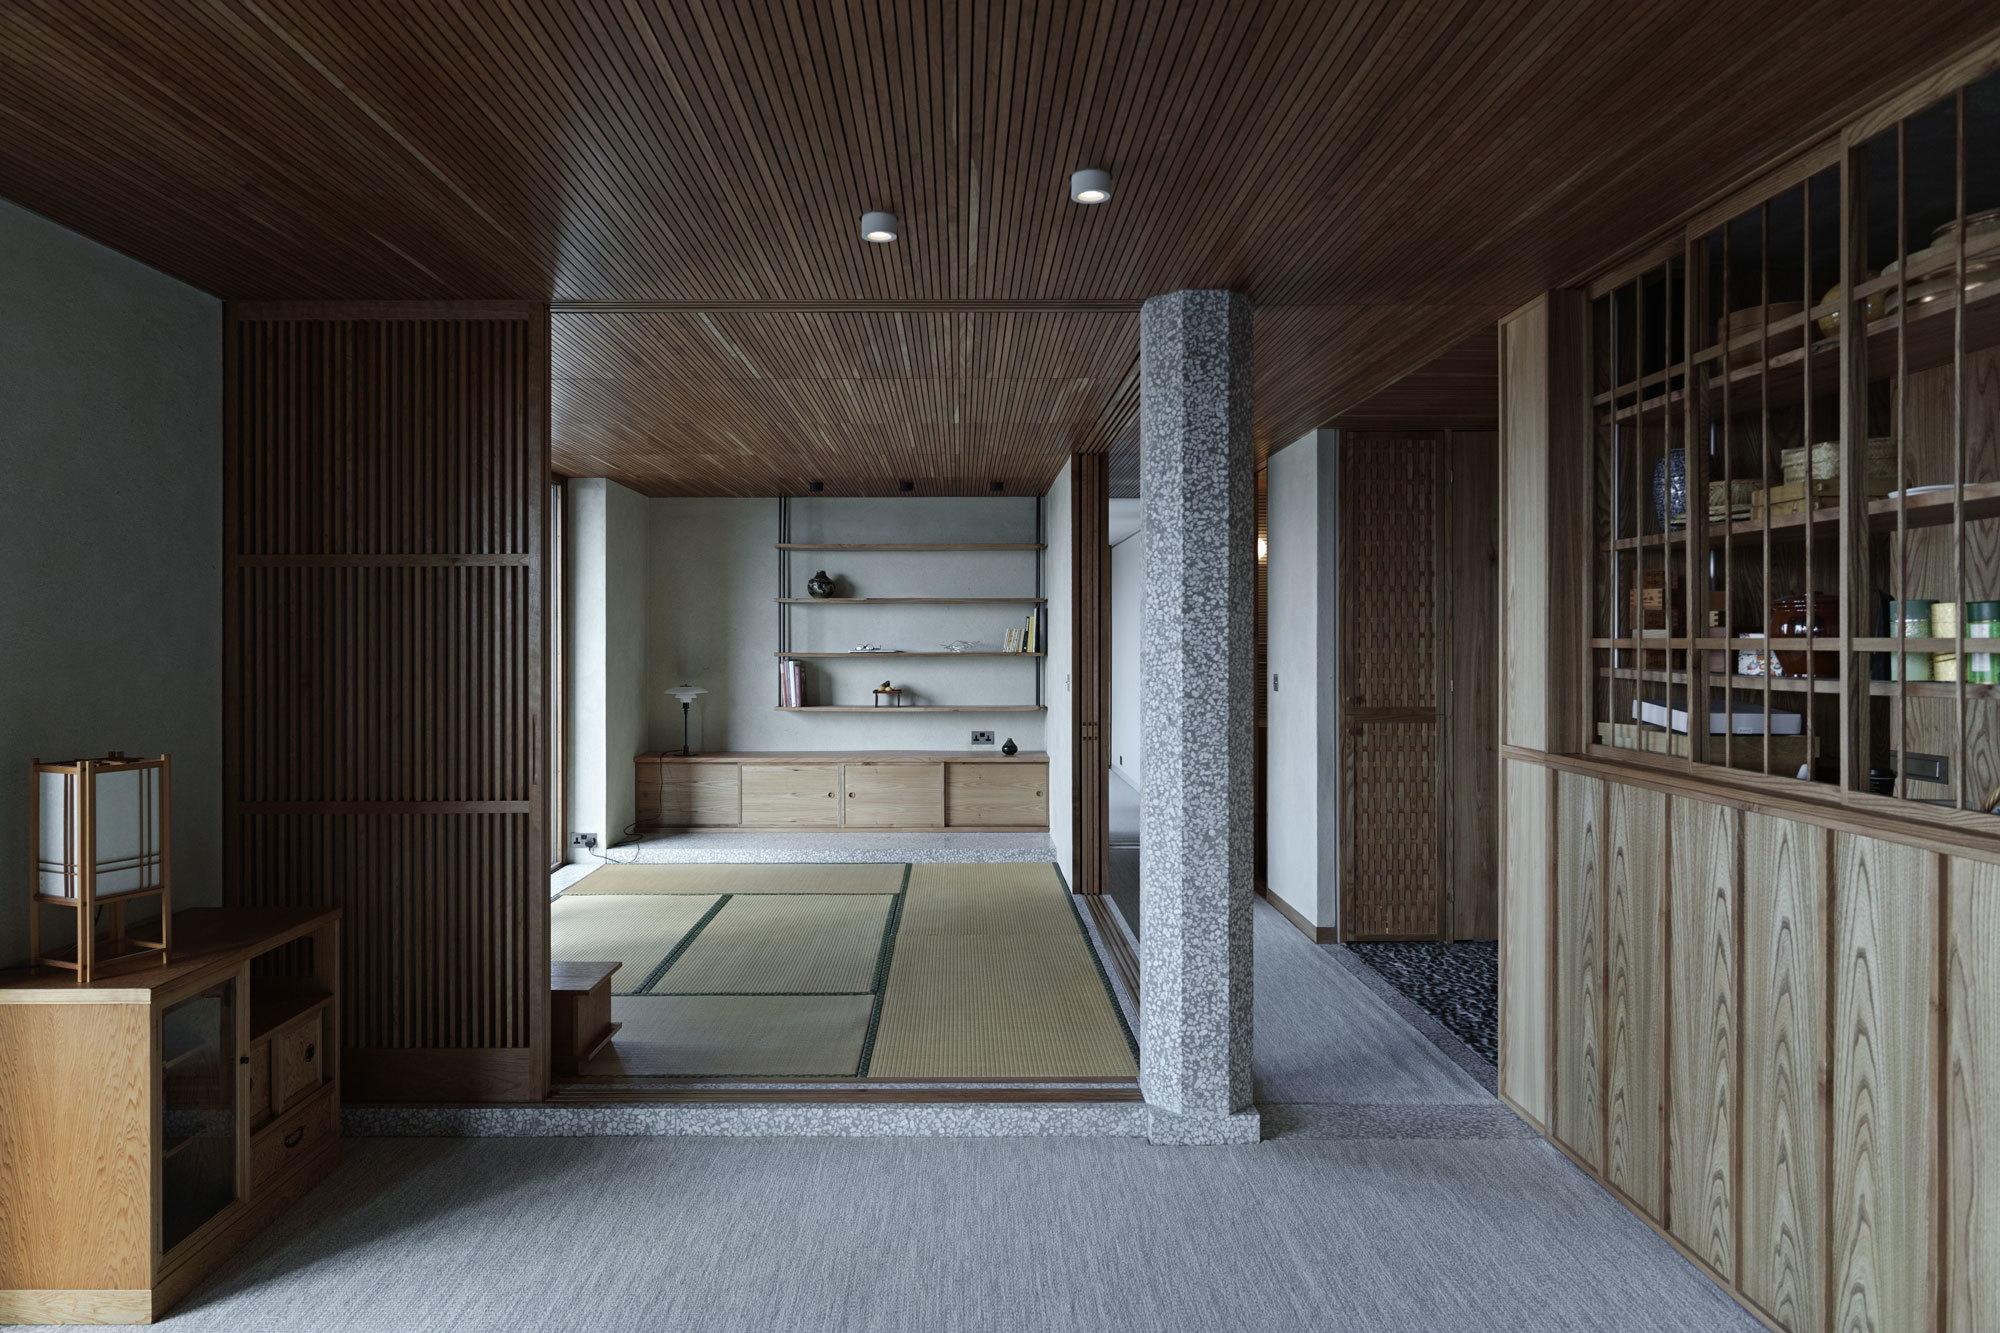 Das ehemalige zweite Schlafzimmer verwandelten die Architekten in einen japanischen Raum, den sie mit Tatamimatten auslegten.